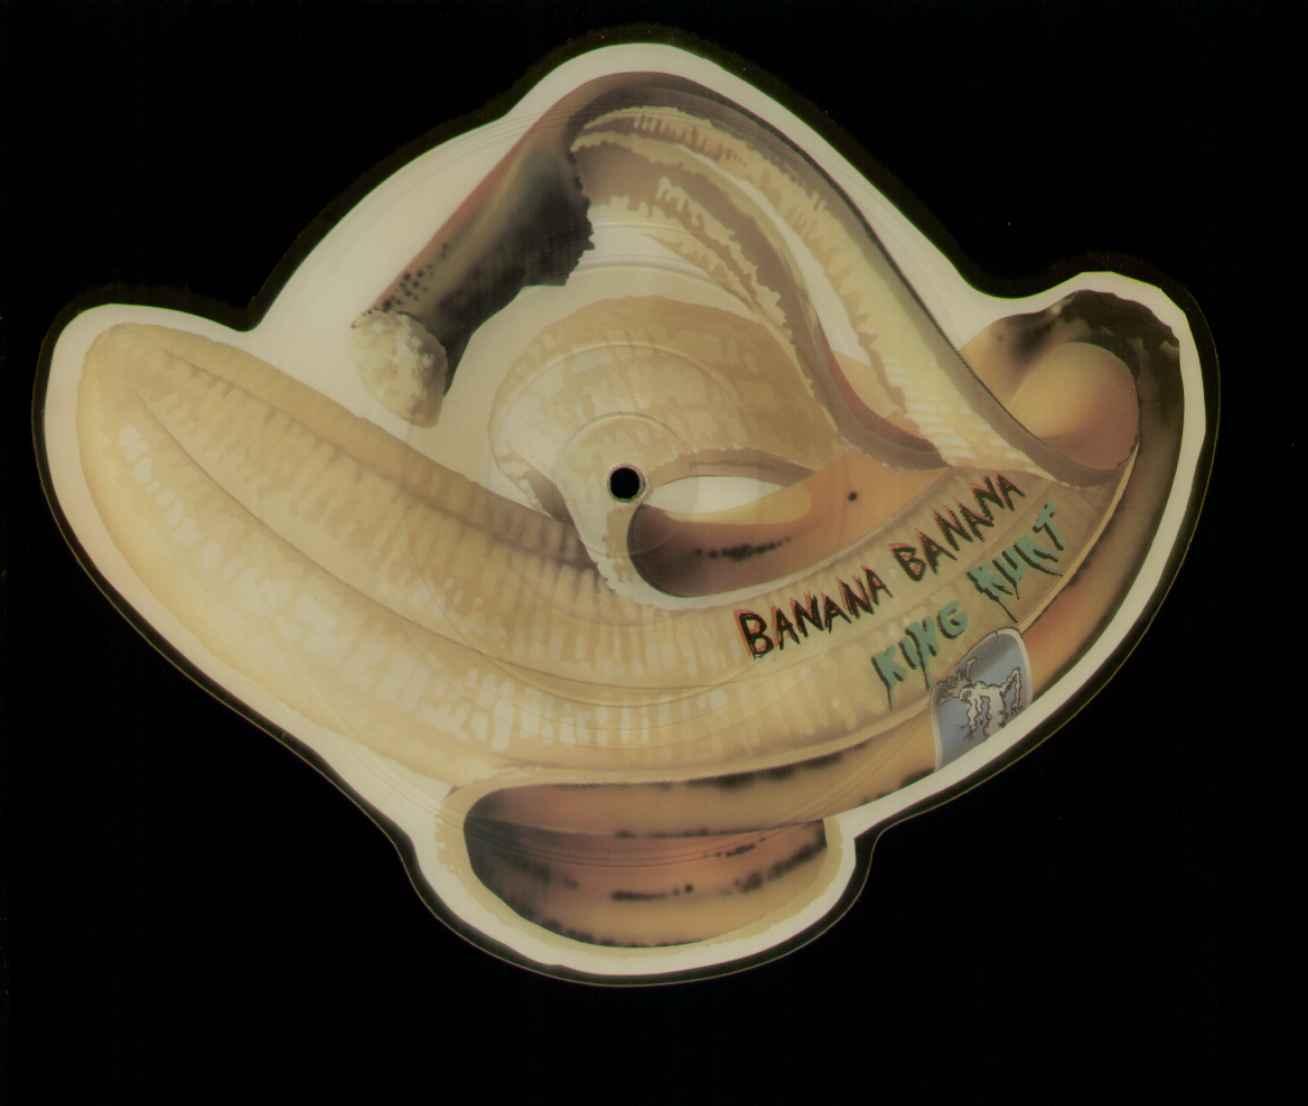 King Kurt - Banana Banana Banana Banana